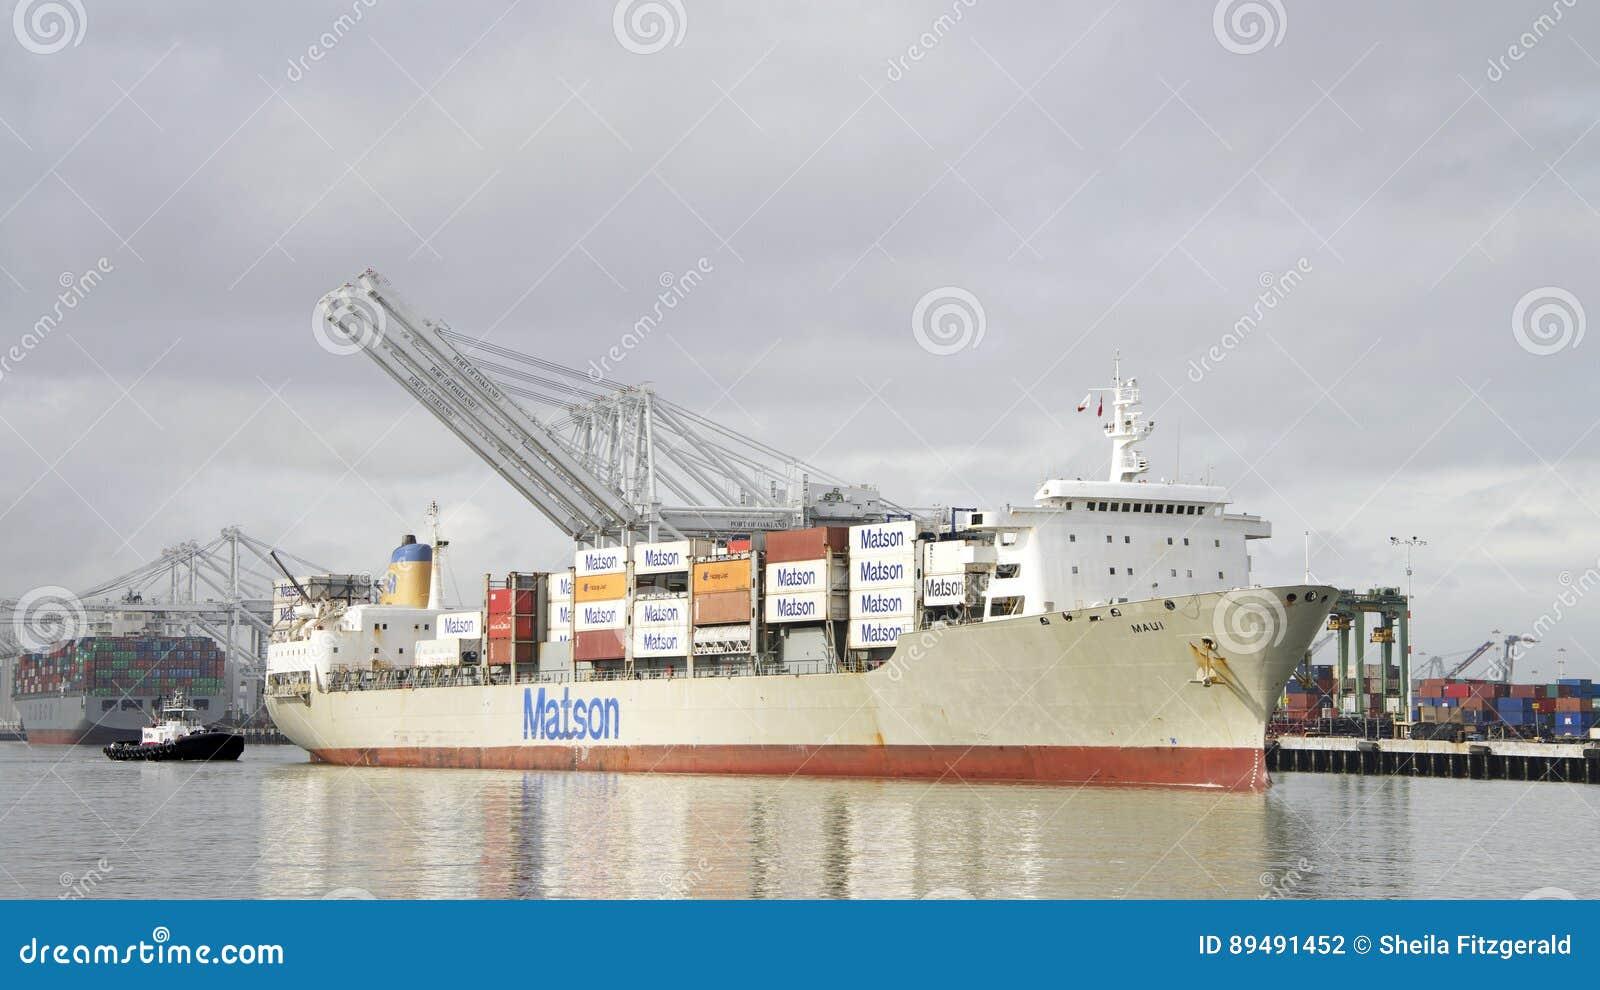 Matson Cargo Ship MAUI Entering The Port Of Oakland